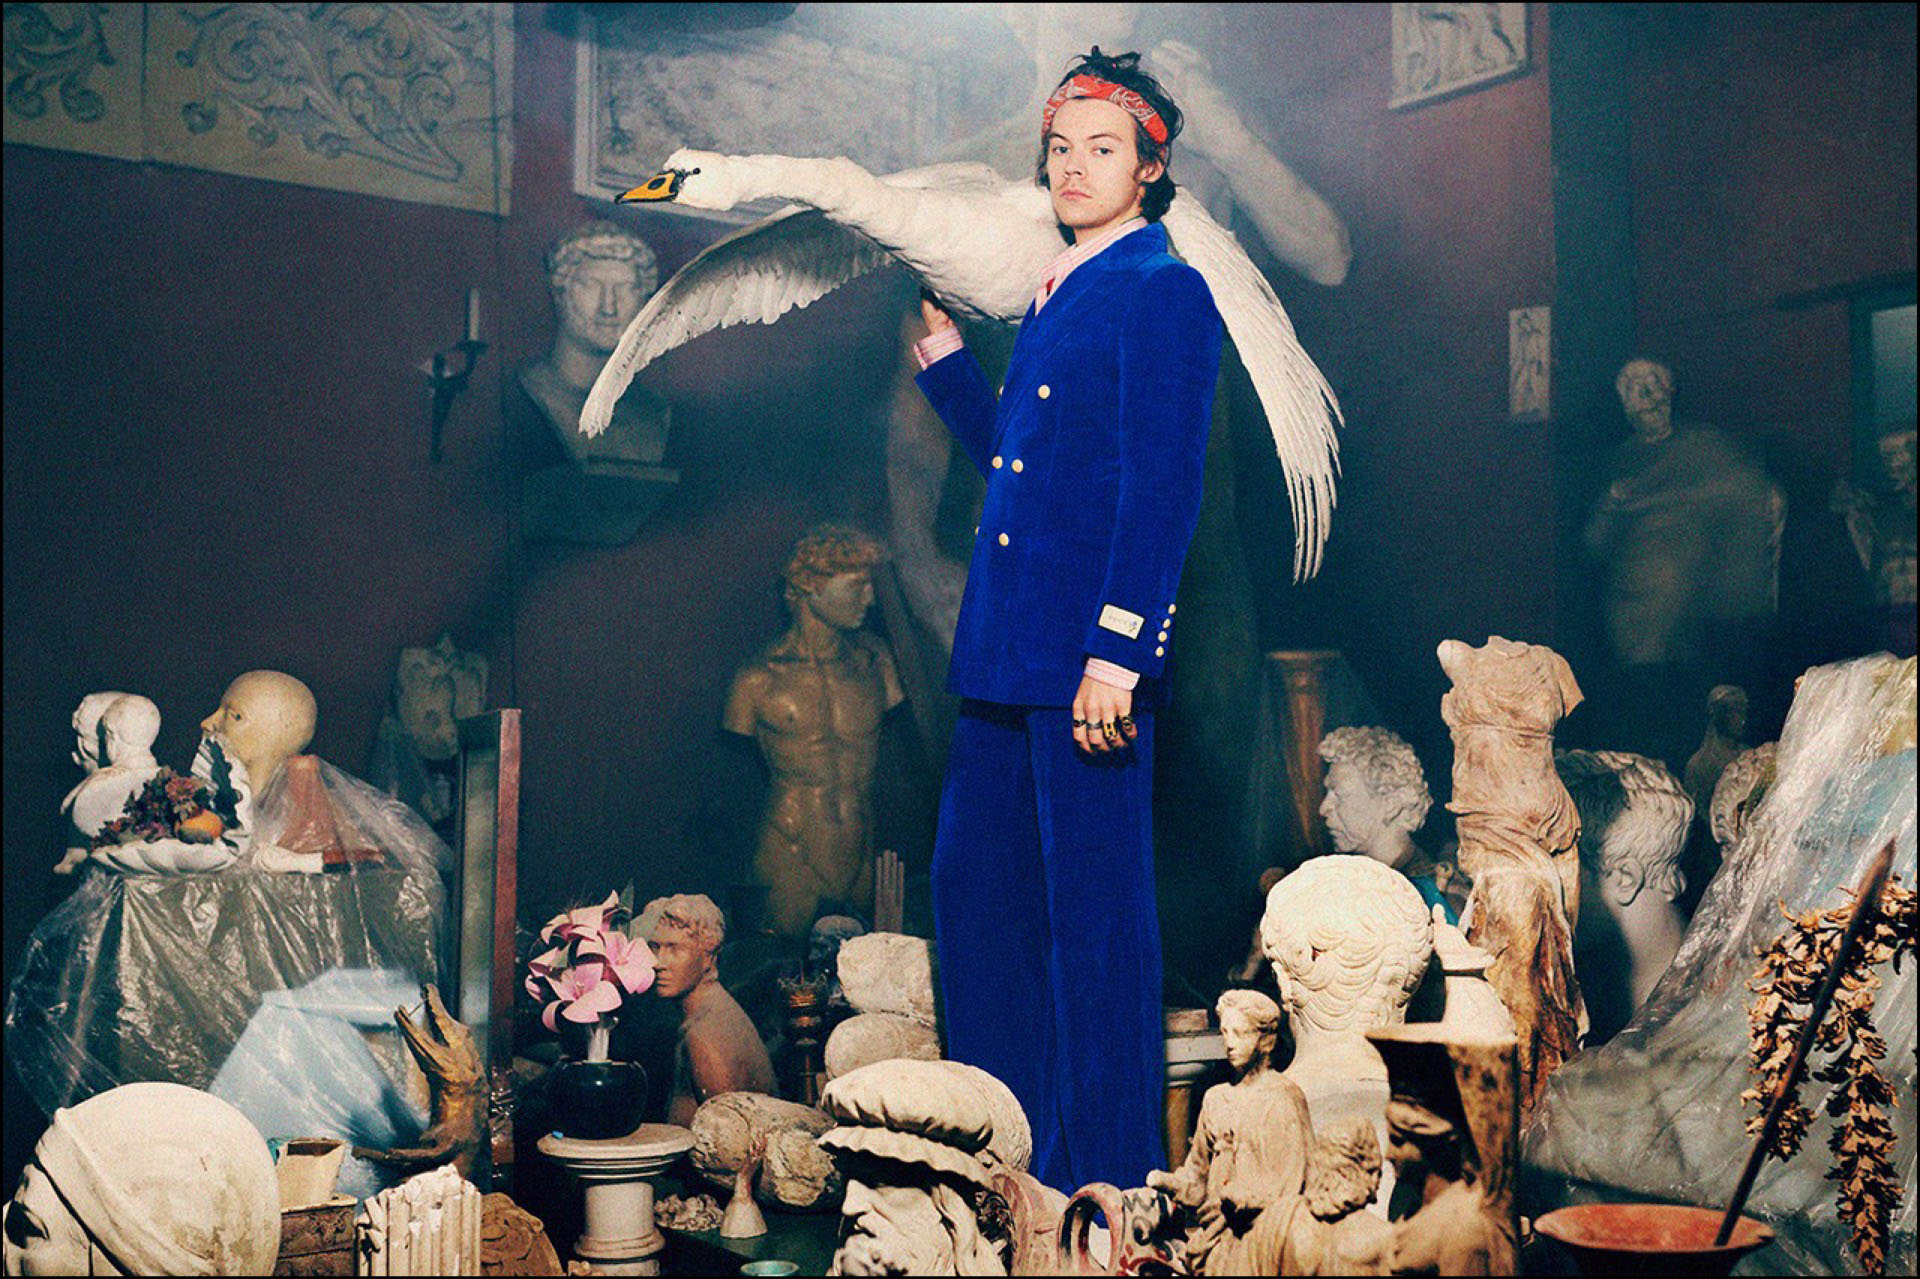 Con un cisne de peluche sobre un hombro, el músico muestra uno de los diseños de Gucci 2019.